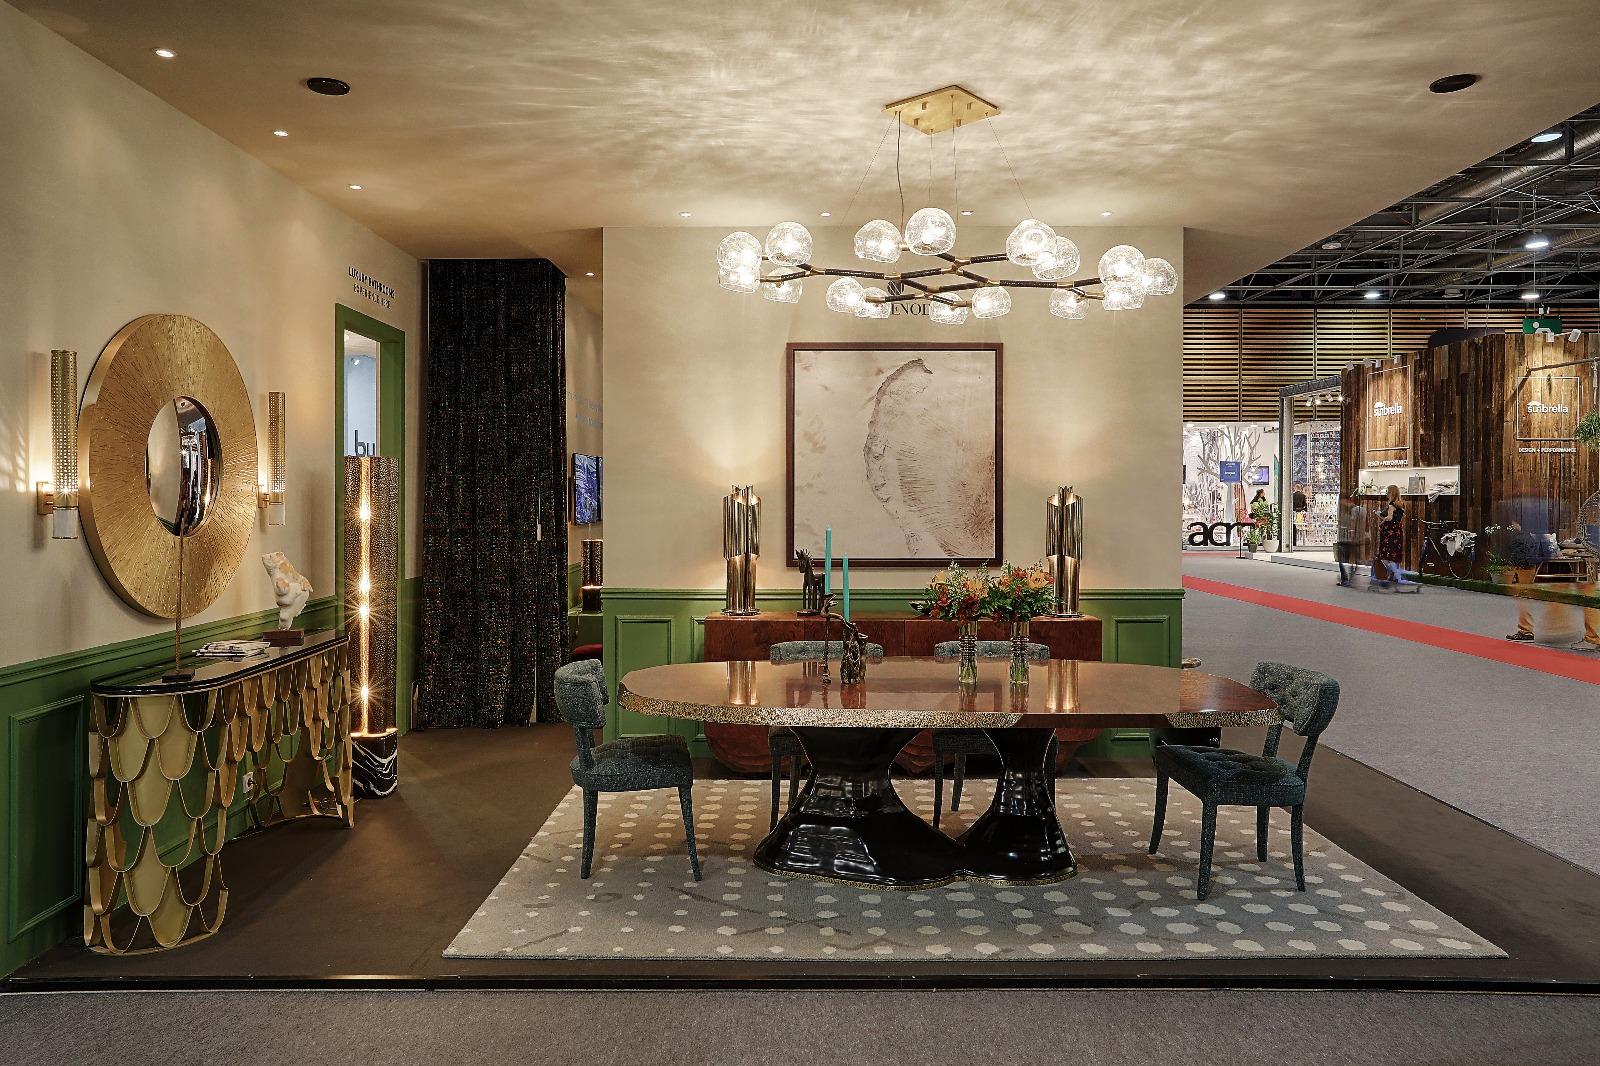 Выставка iSaloni, или же Salone del Mobile Milano - это одно из важнейших ежегодных событий для мира дизайна и мебельного производства Выставка isaloni Выставка iSaloni 2018: чего стоит ожидать iSaloni 2